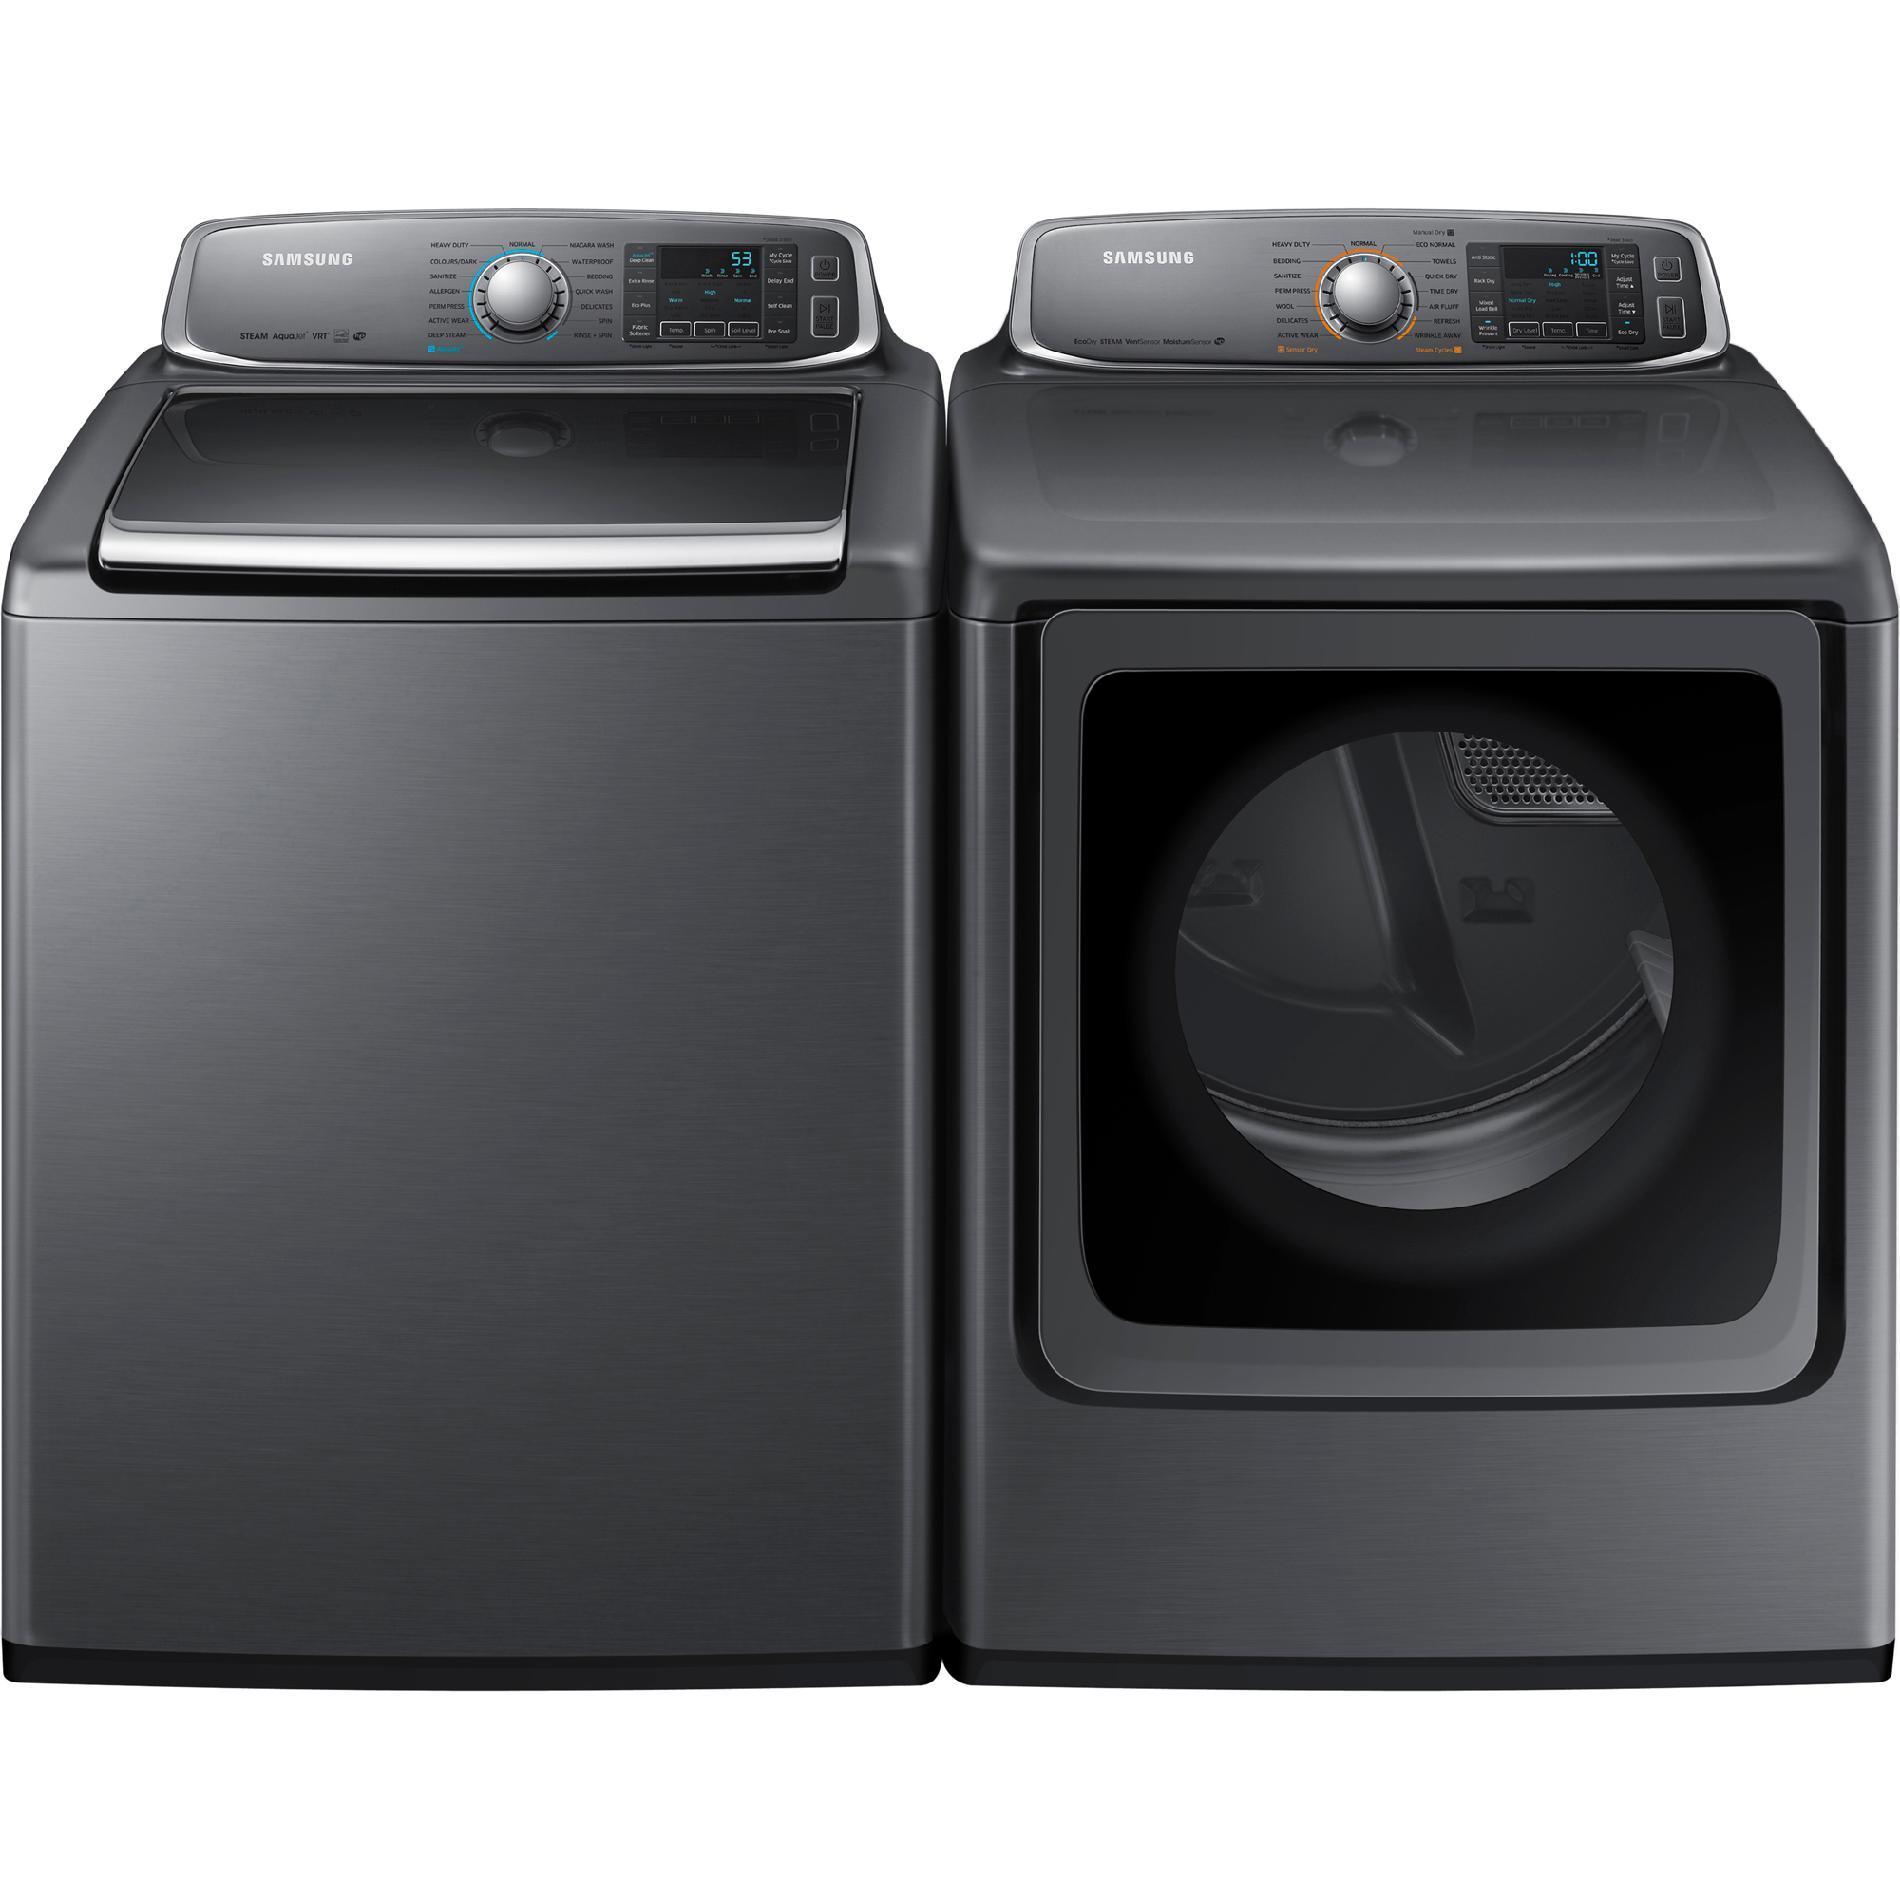 5.6 cu. ft. Top-Load Washer & 9.5 cu. ft. Dryer Bundle